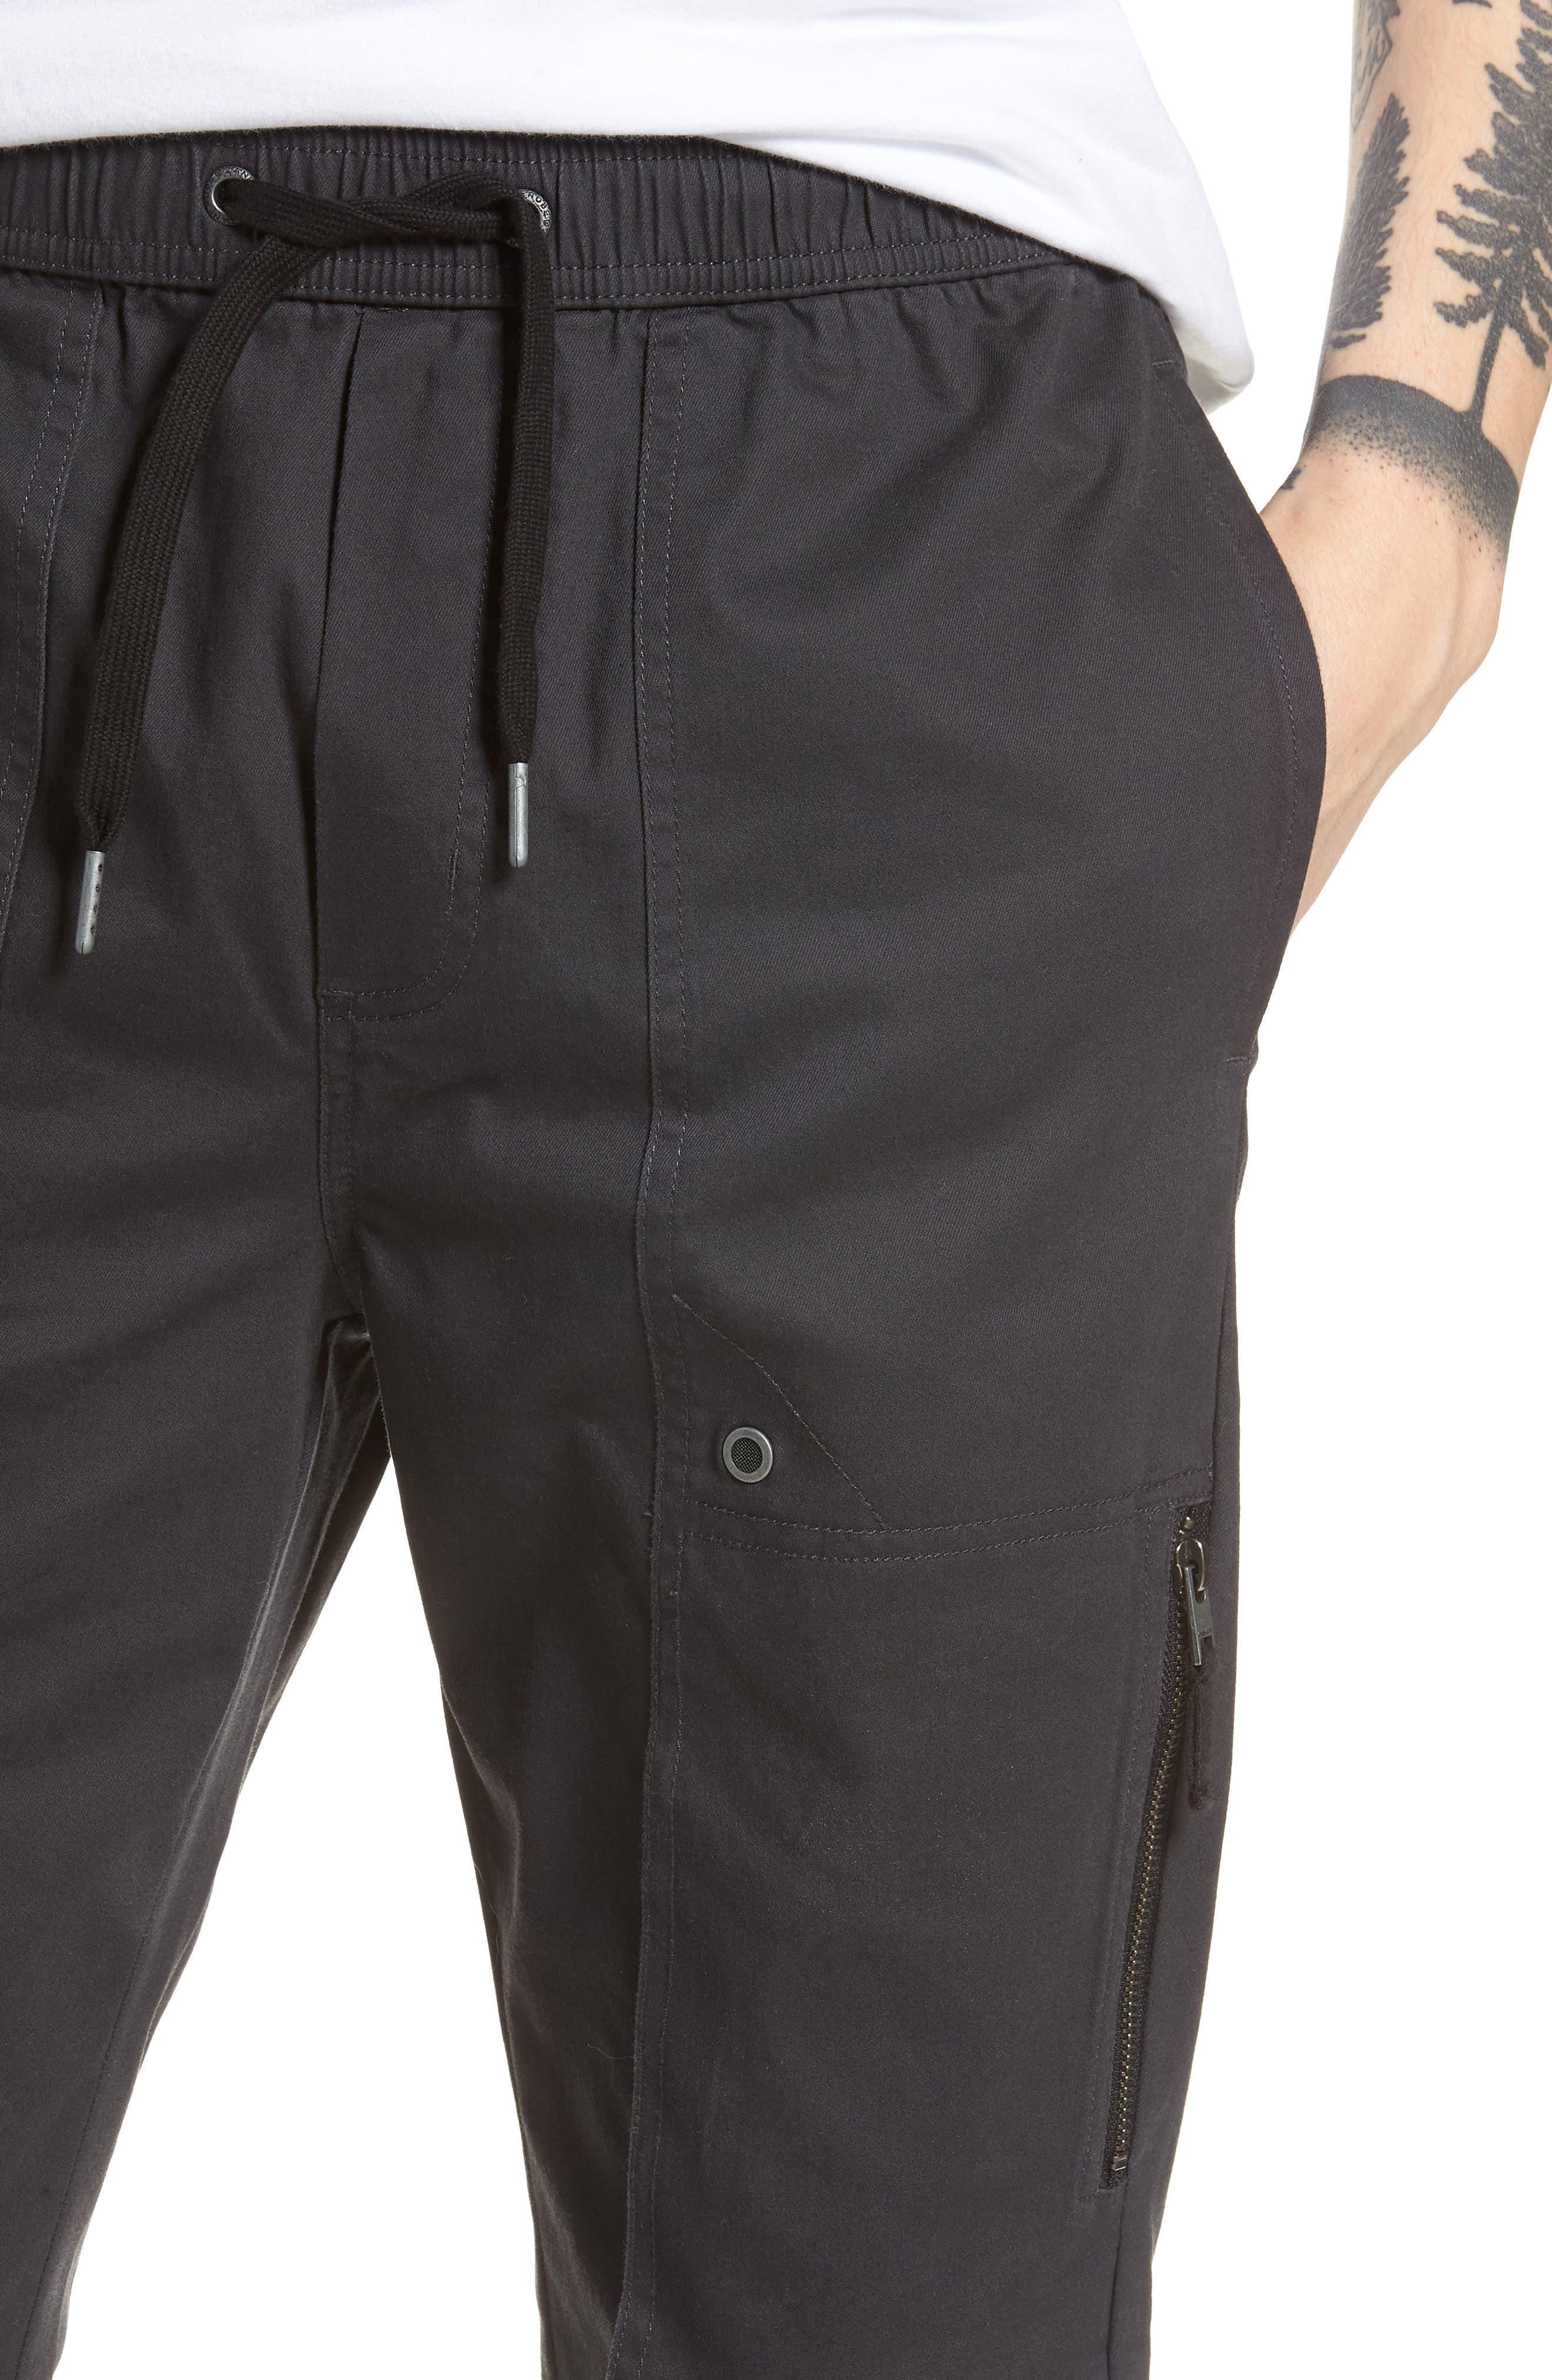 Blockshot Jogger Pants,                             Alternate thumbnail 4, color,                             Vintage Black/ Black